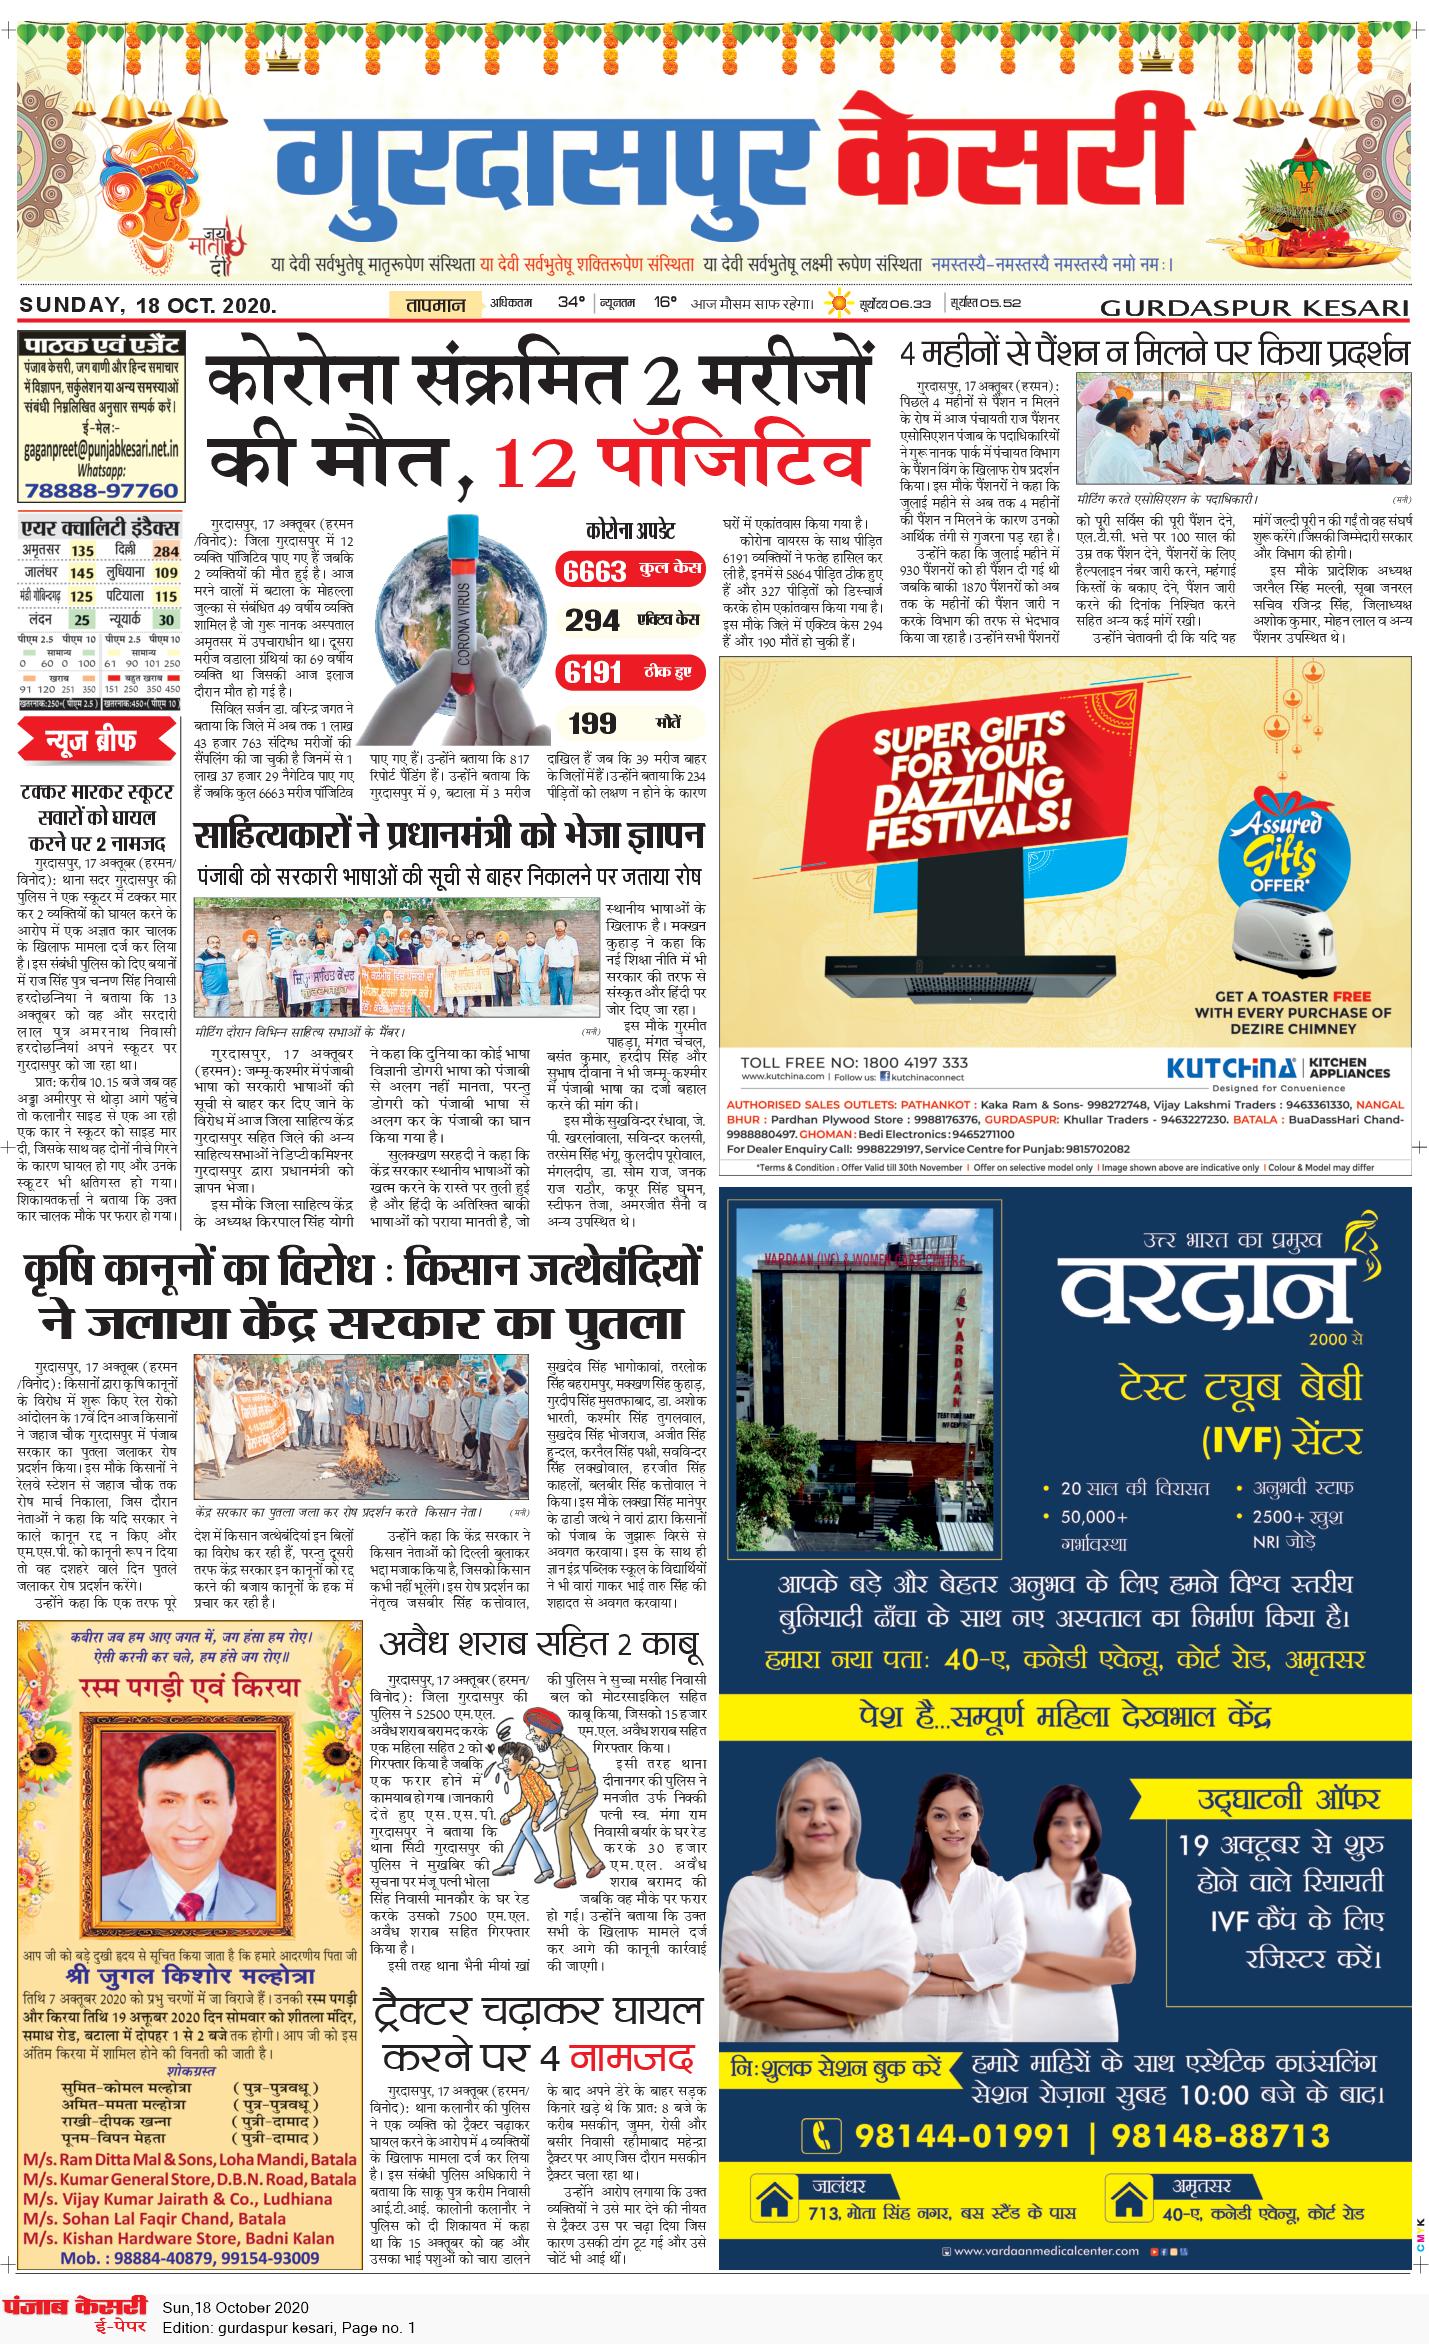 Gurdaspur Kesari 10/18/2020 12:00:00 AM